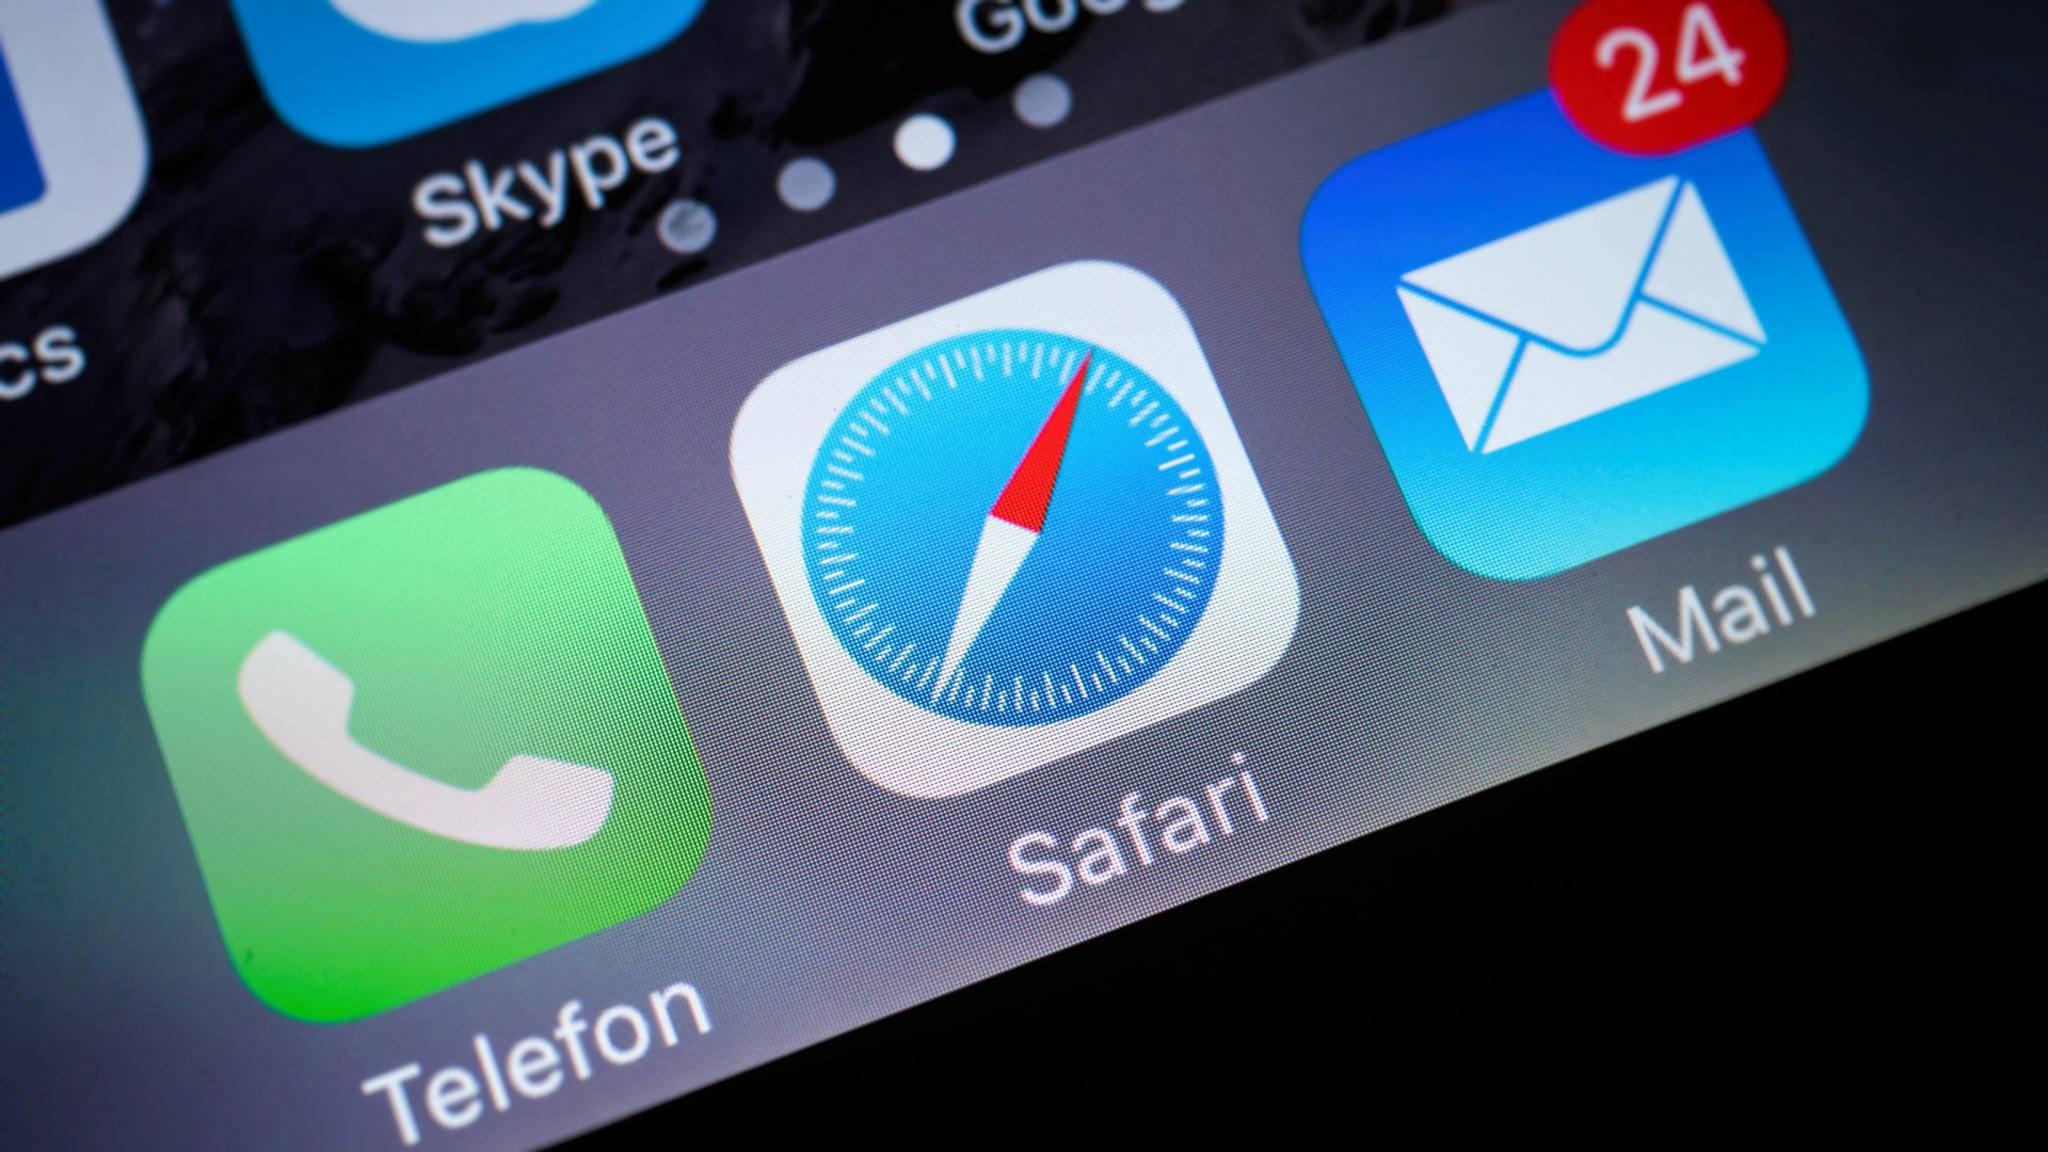 Mit diesen zwei Einstellungen kannst Du schneller auf dem iPhone surfen.